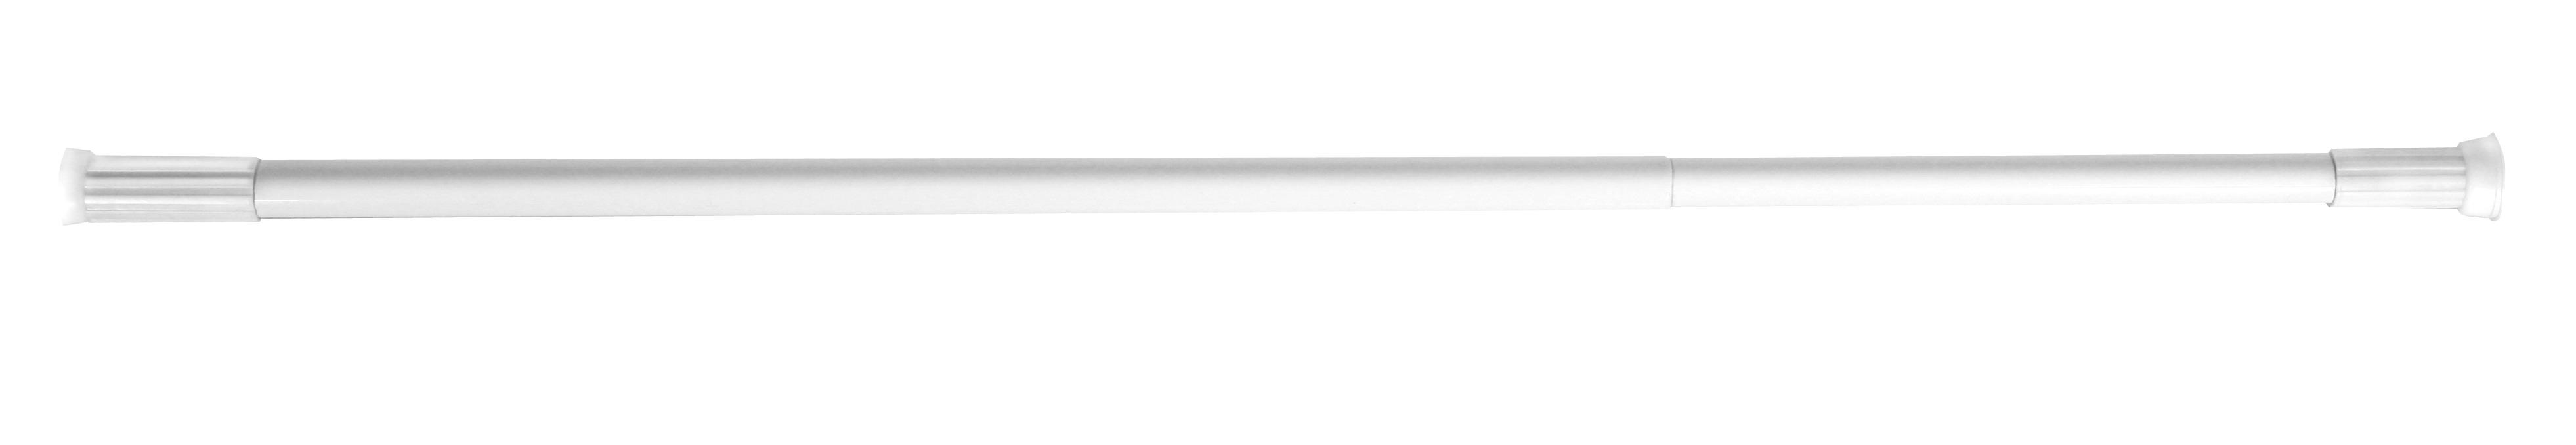 Tyč na sprchový závěs Olsen 110-200 bílá, skladem